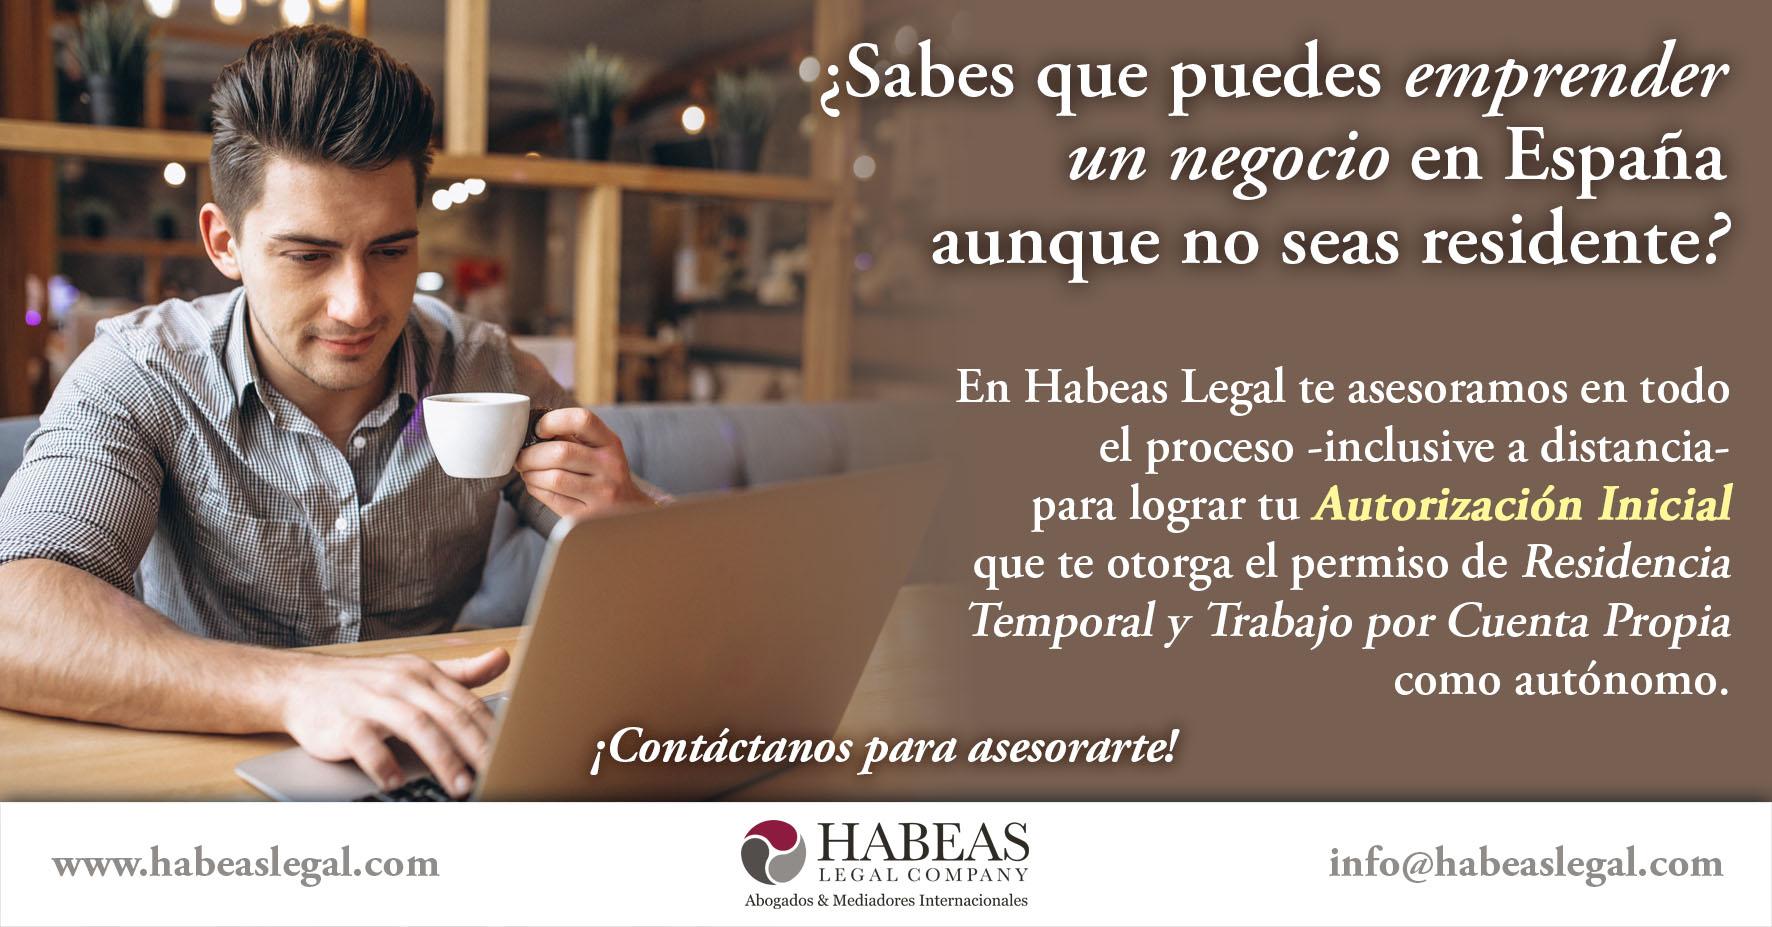 Autorizacion Inicial Habeas - ¿Sabes que puedes emprender un negocio en España aunque no seas su residente?